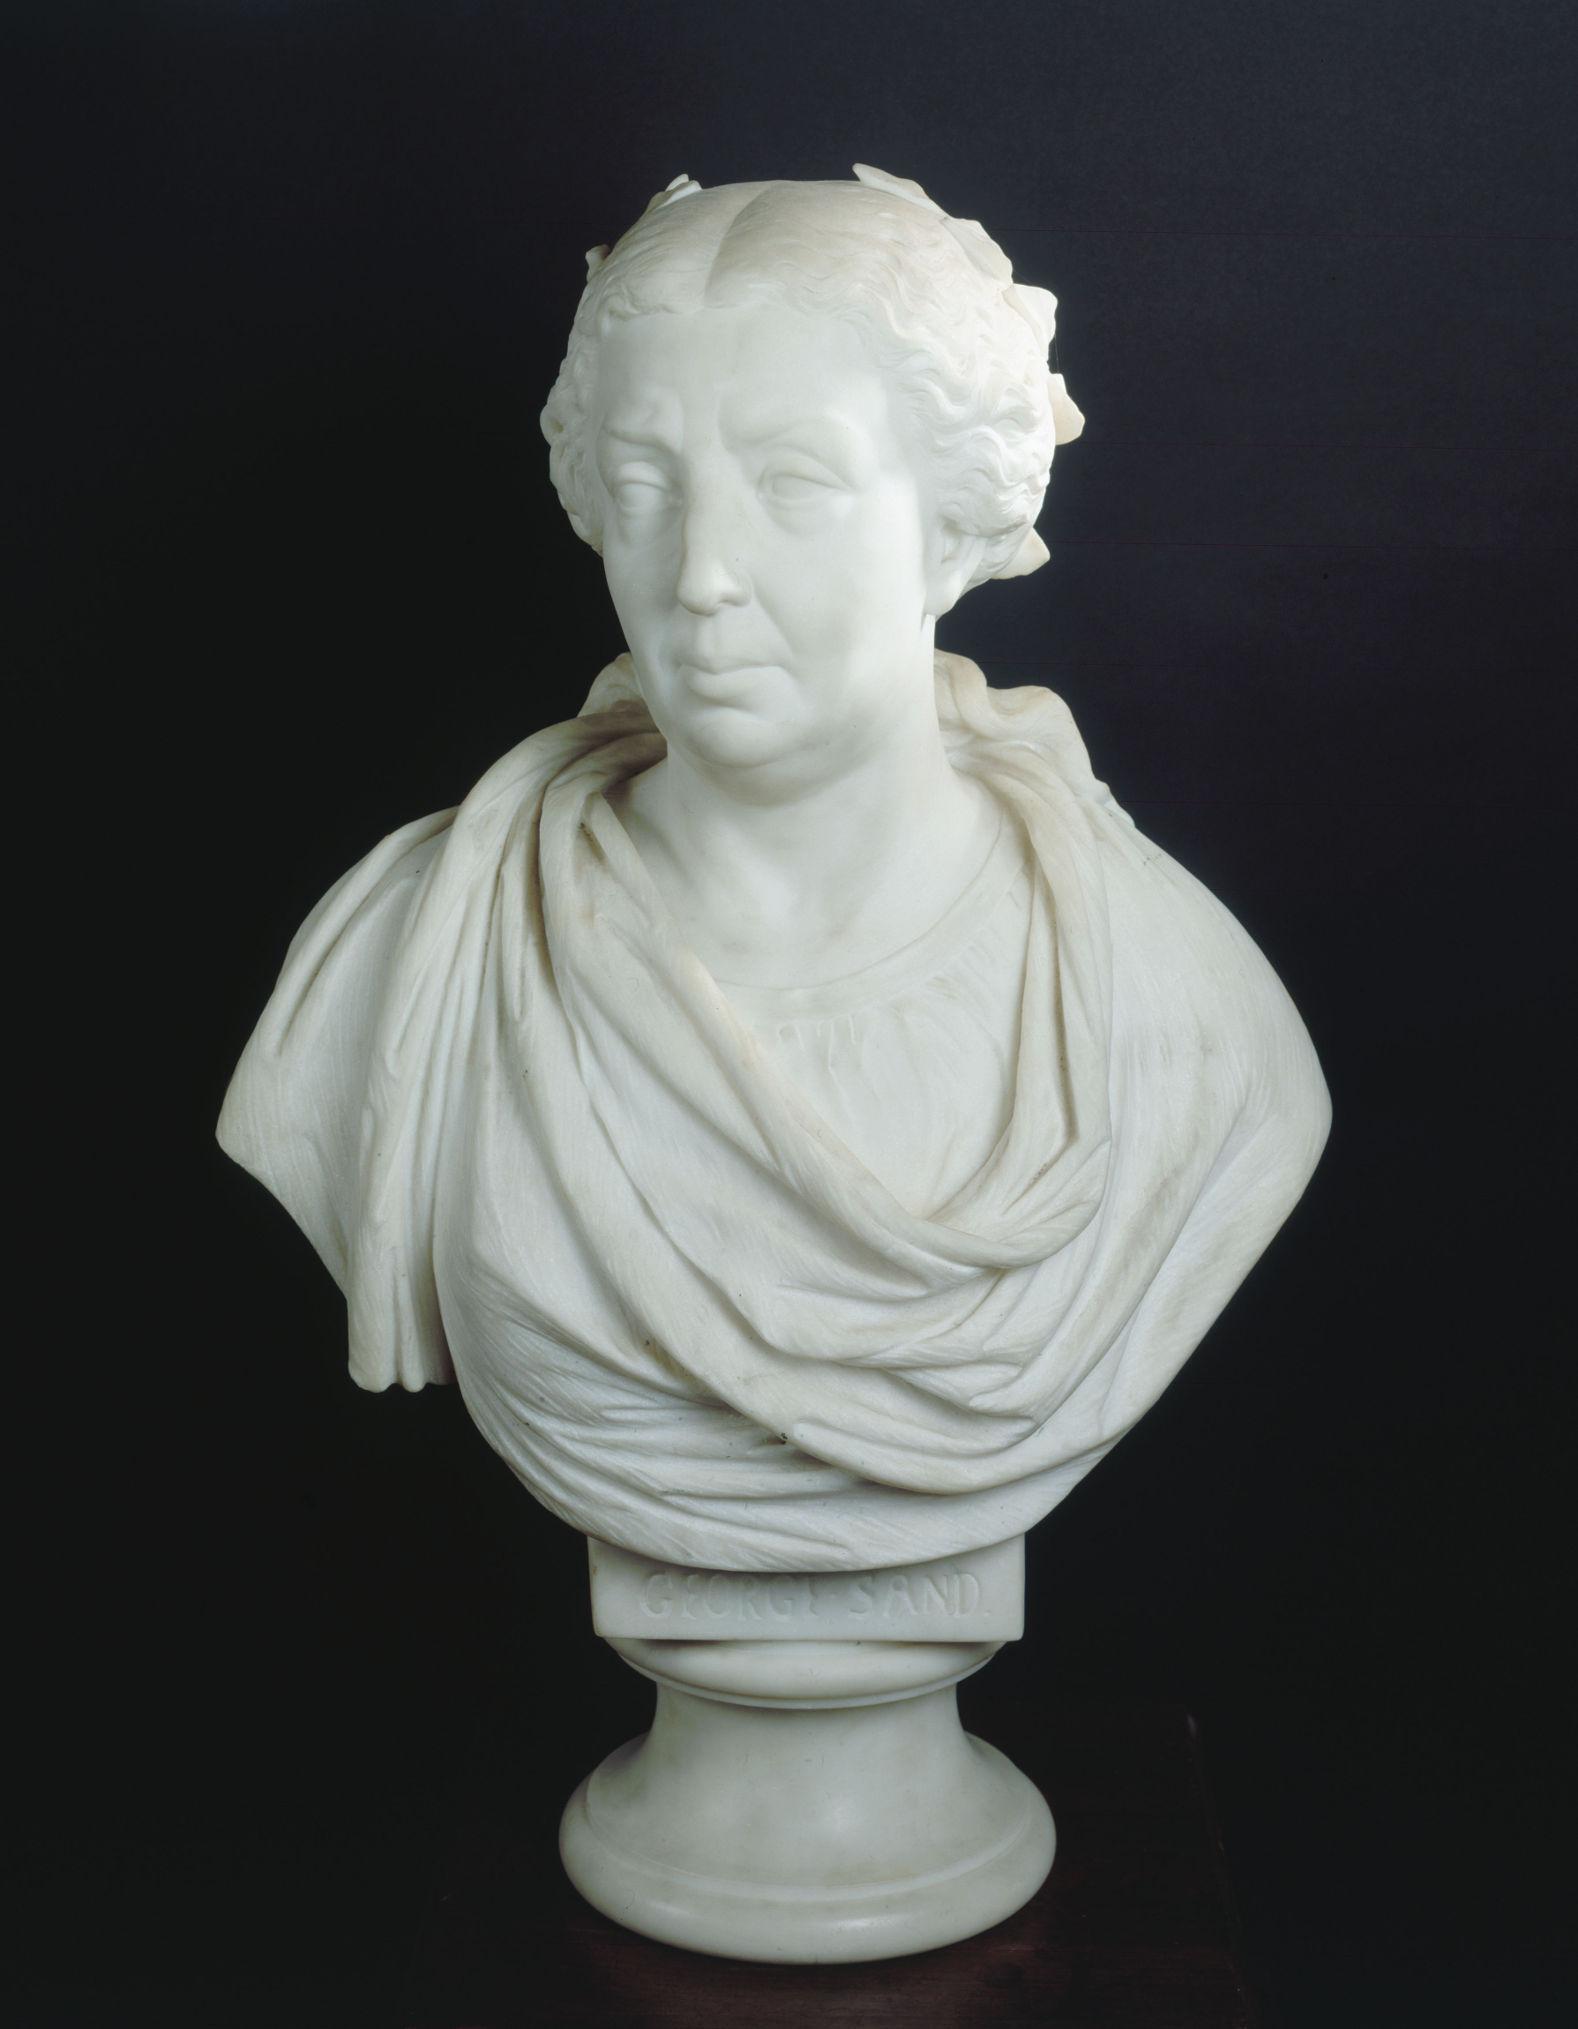 George Sand en 1847, Jean-Baptiste Clesinger